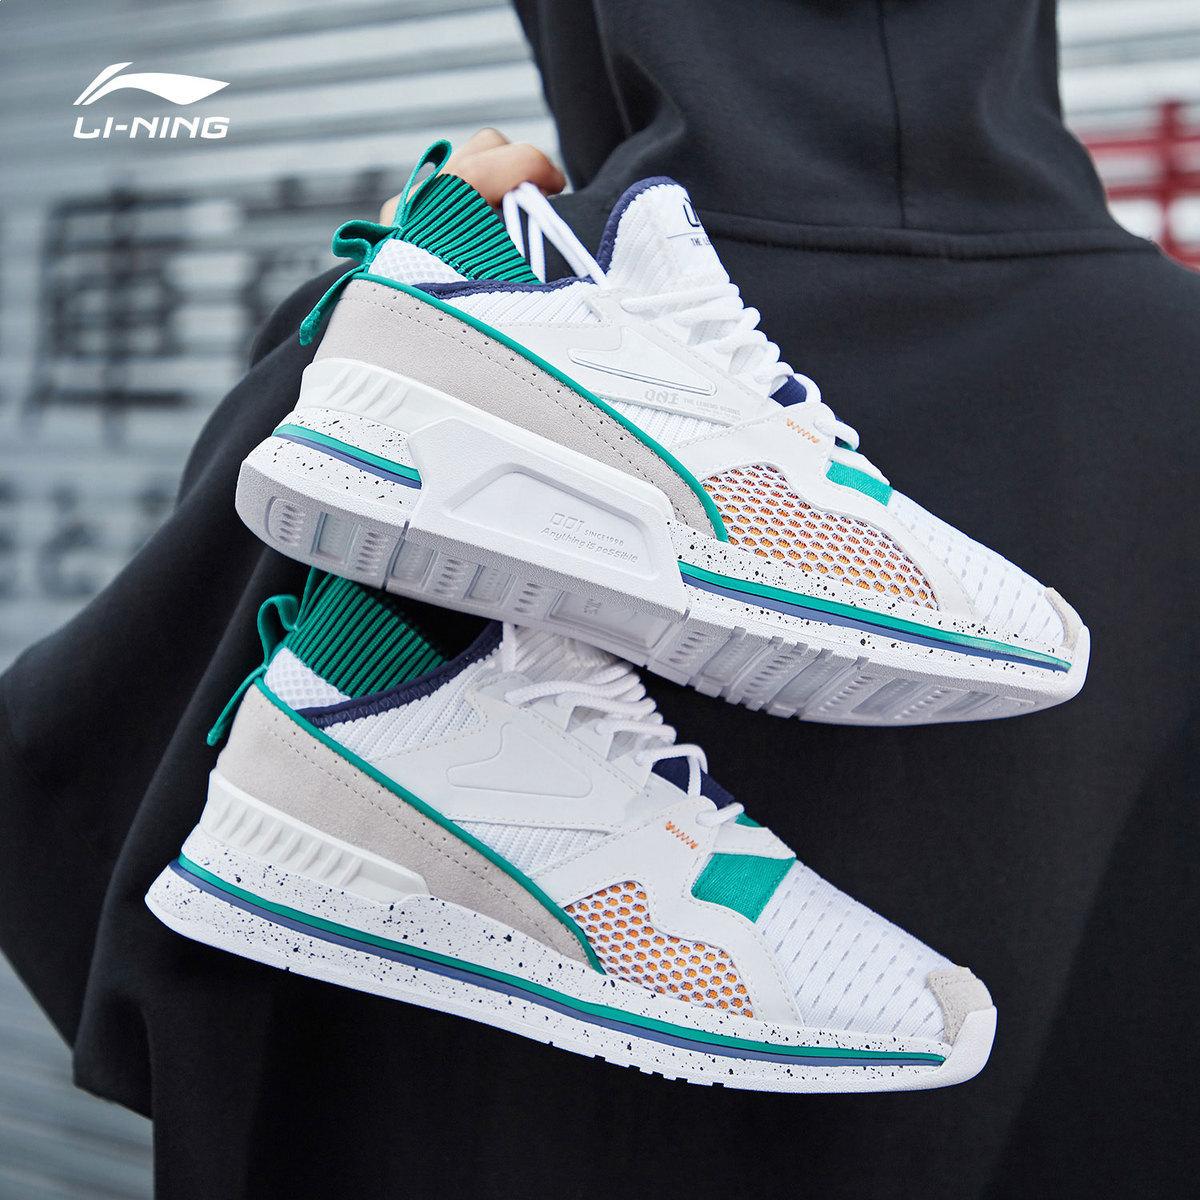 李宁女鞋休闲鞋2019春季新款女子启程001跑鞋潮流板鞋时尚运动鞋